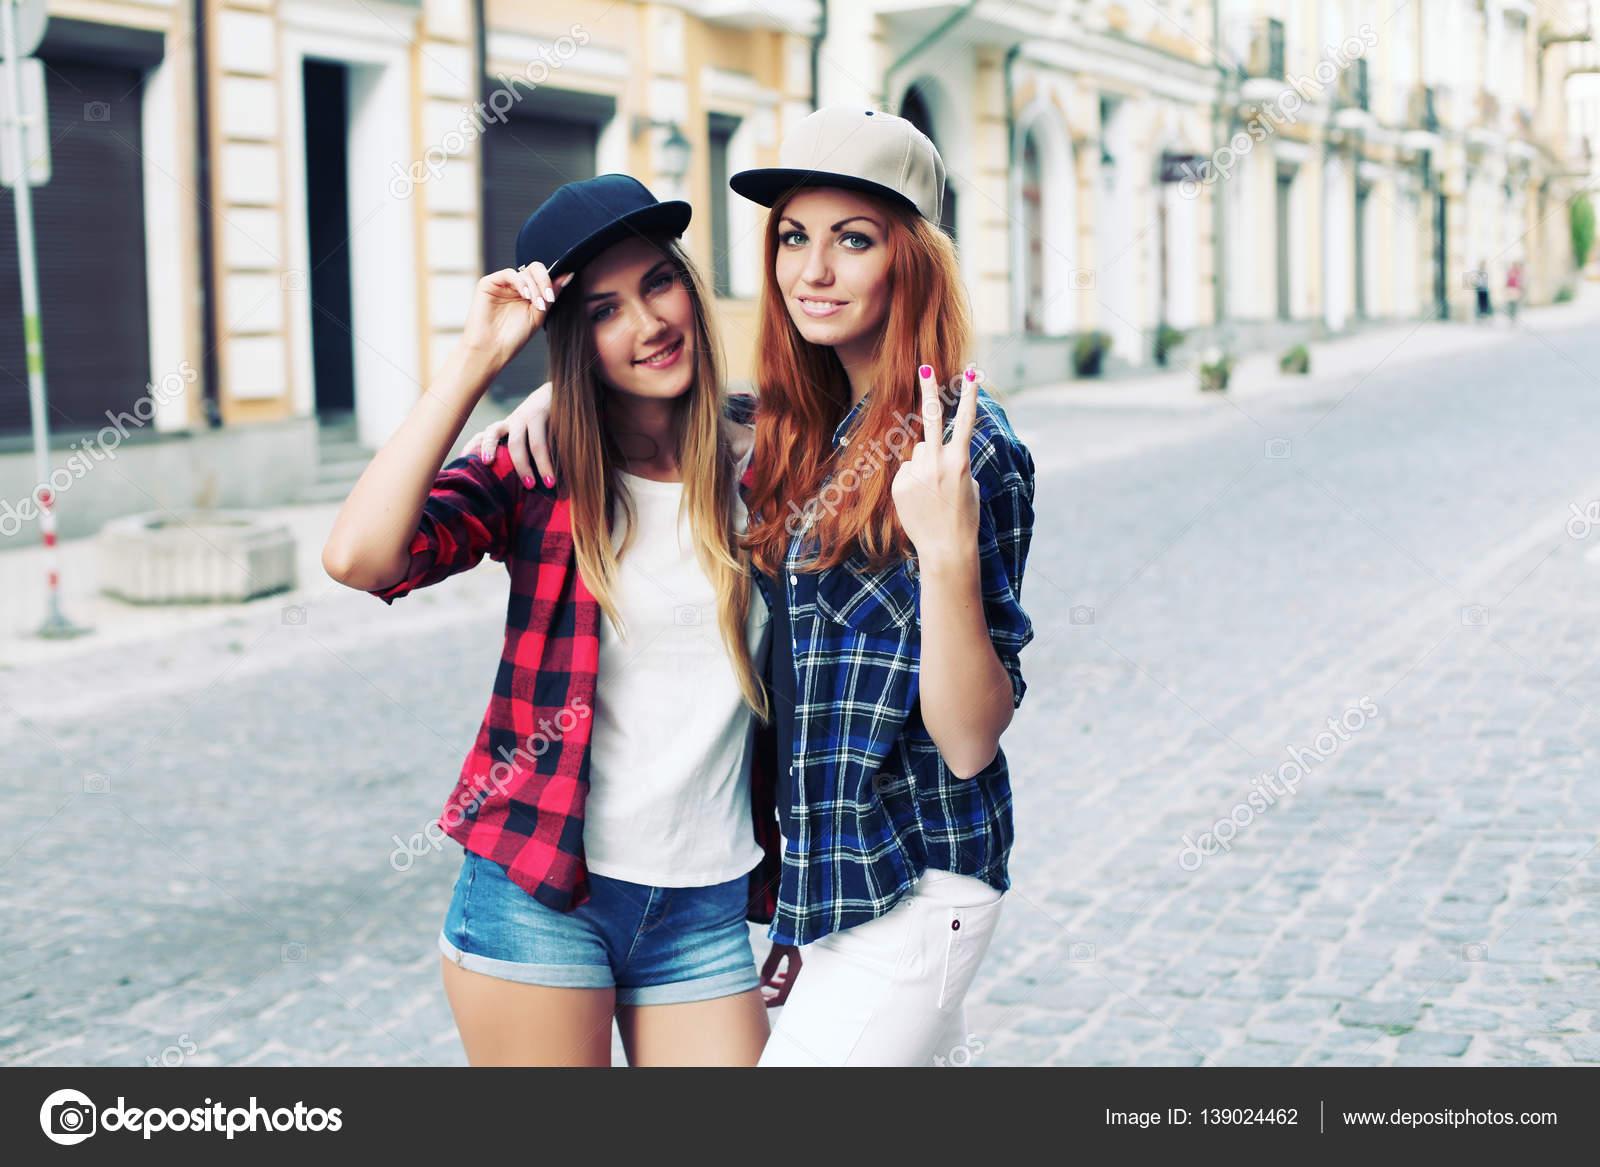 79e99fcae6c747 Zwei hübsche Frauen auf Straße — Stockfoto © perminoffa #139024462